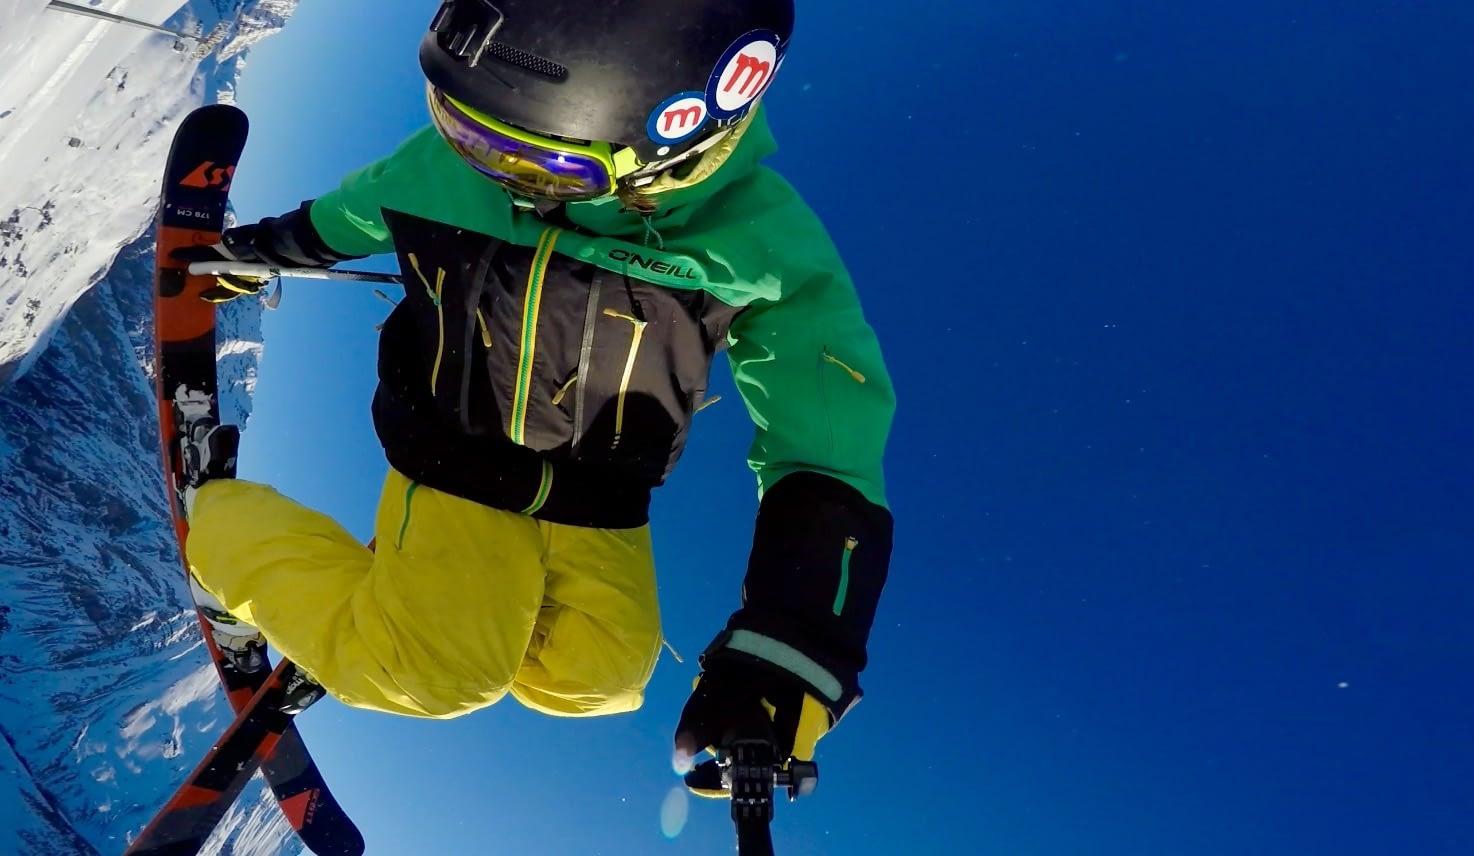 Condizioni perfette piste Snowpark a Livigno